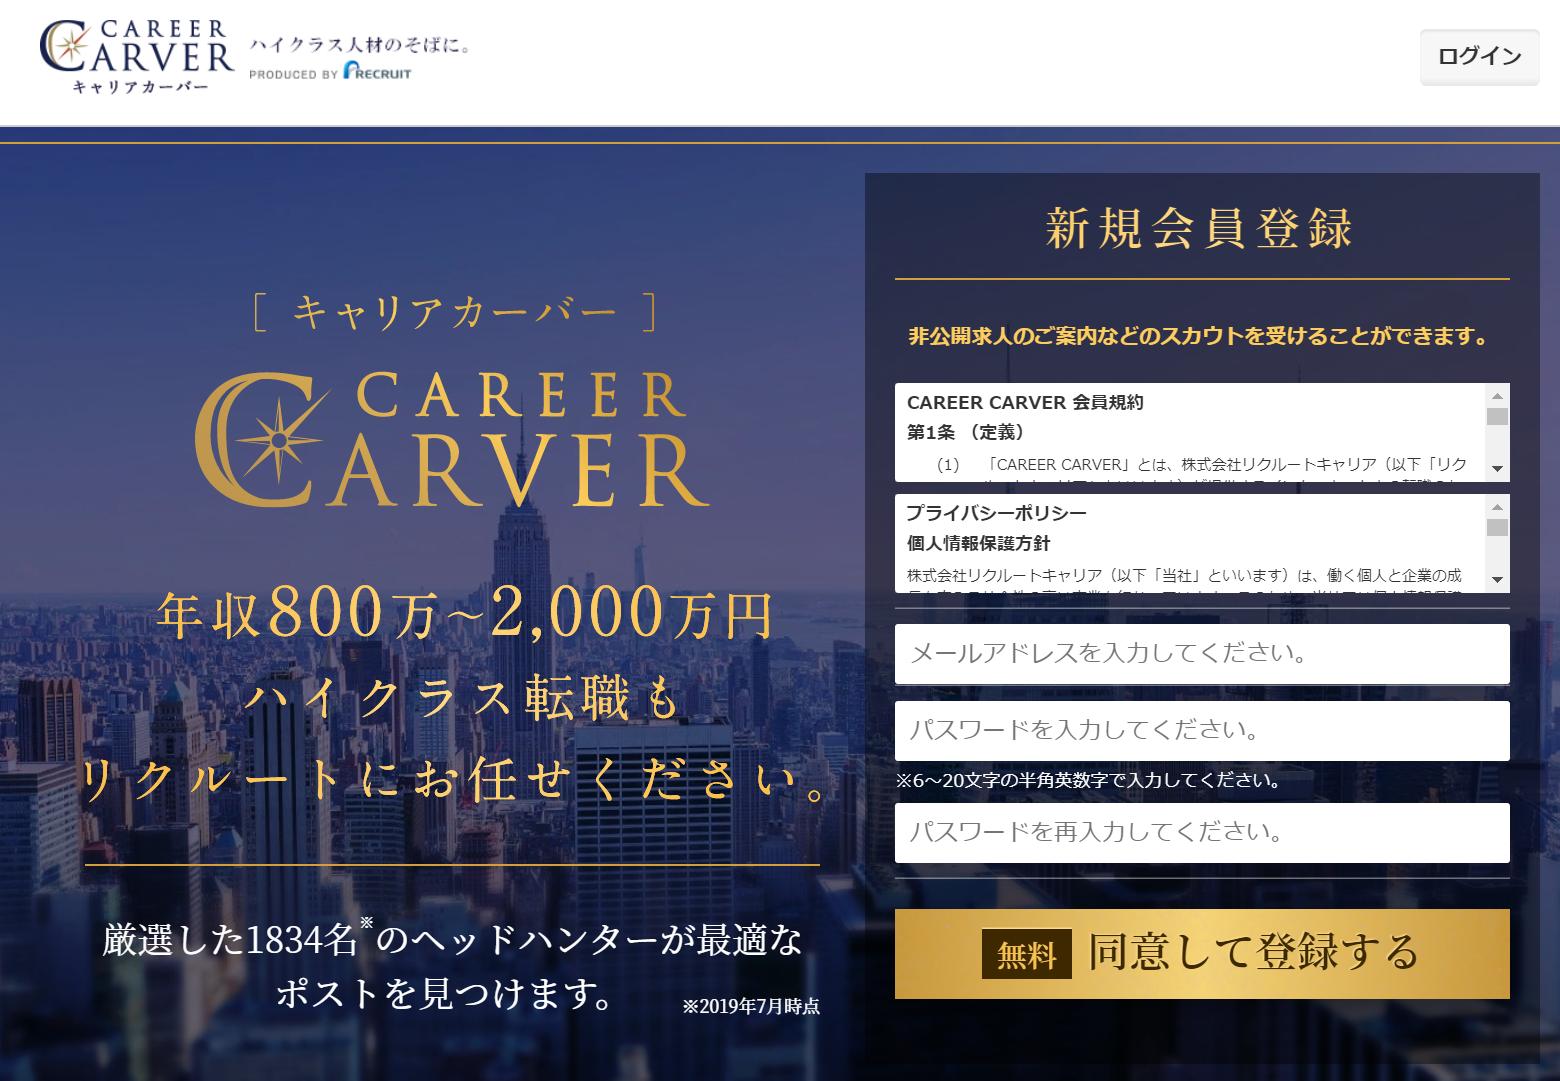 キャリアカーバー登録01